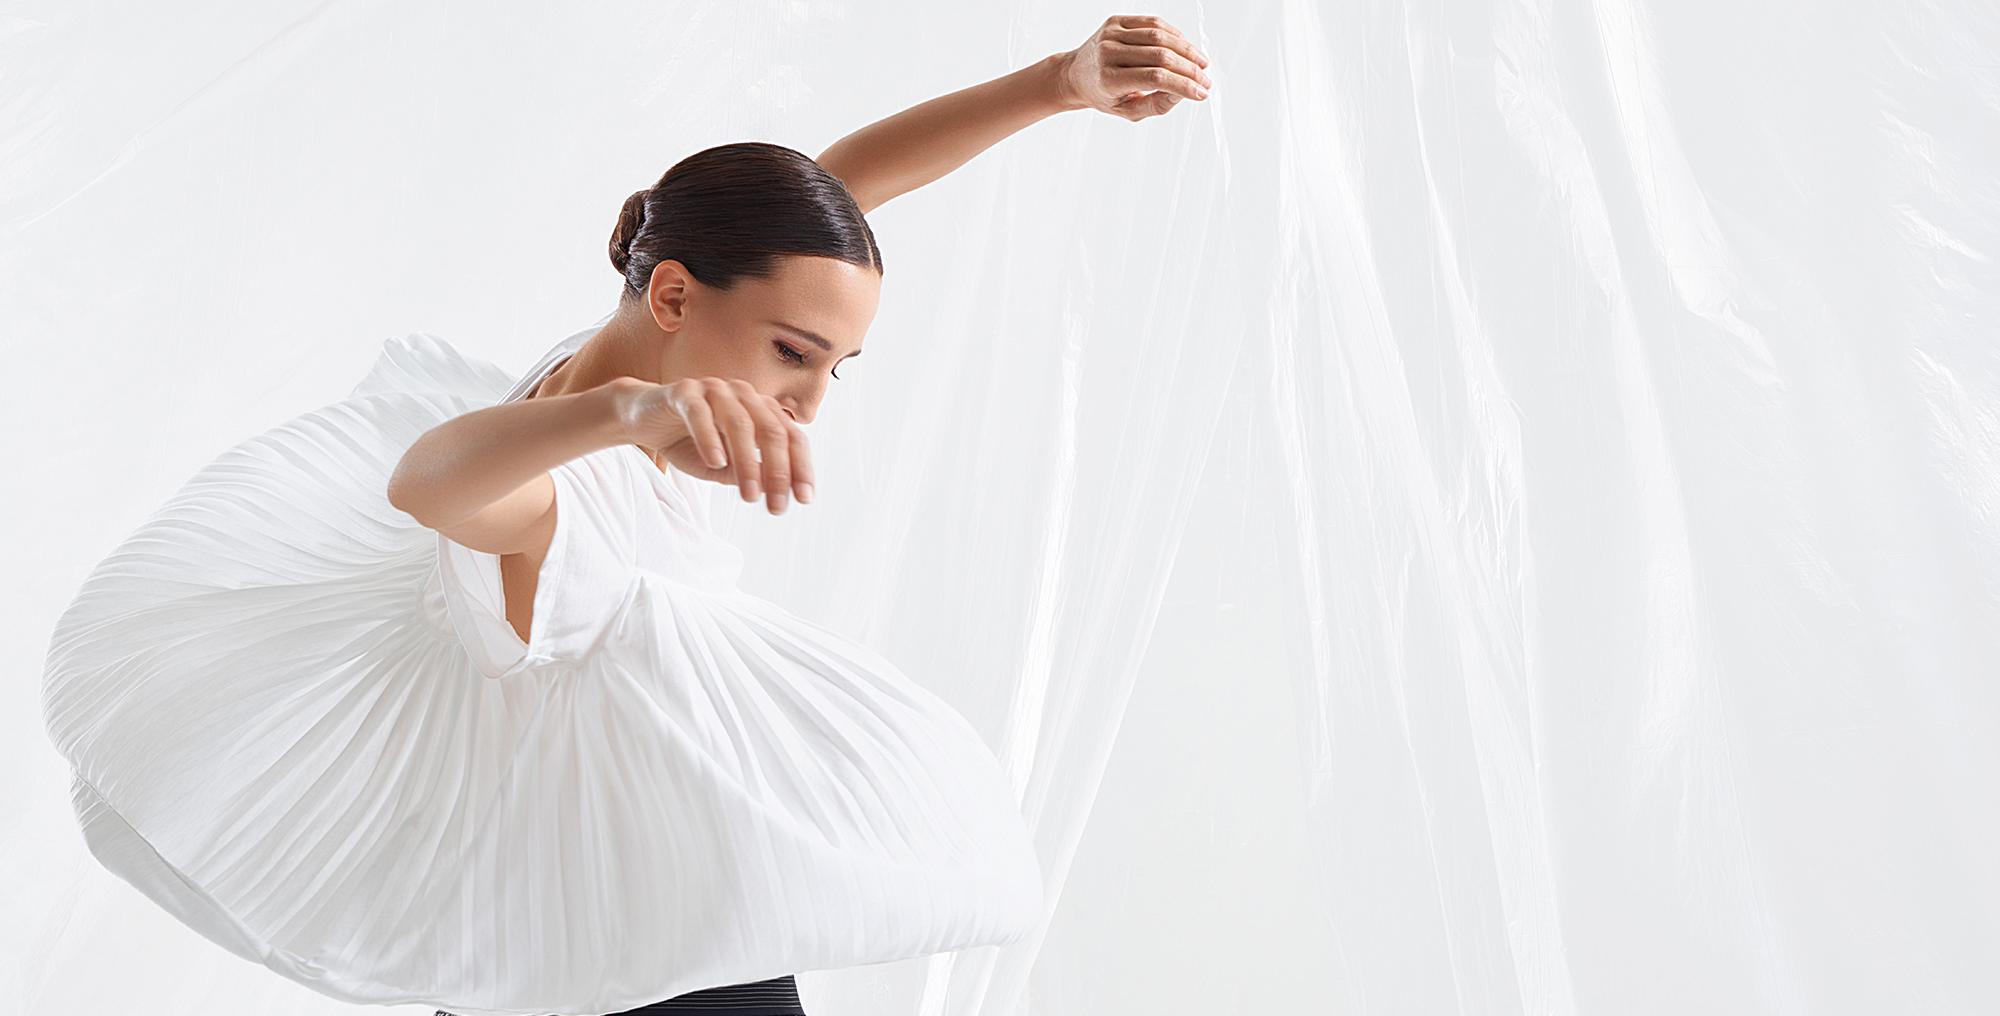 σχολη χορου πειραιας Χρήσιμοι Σύνδεσμοι